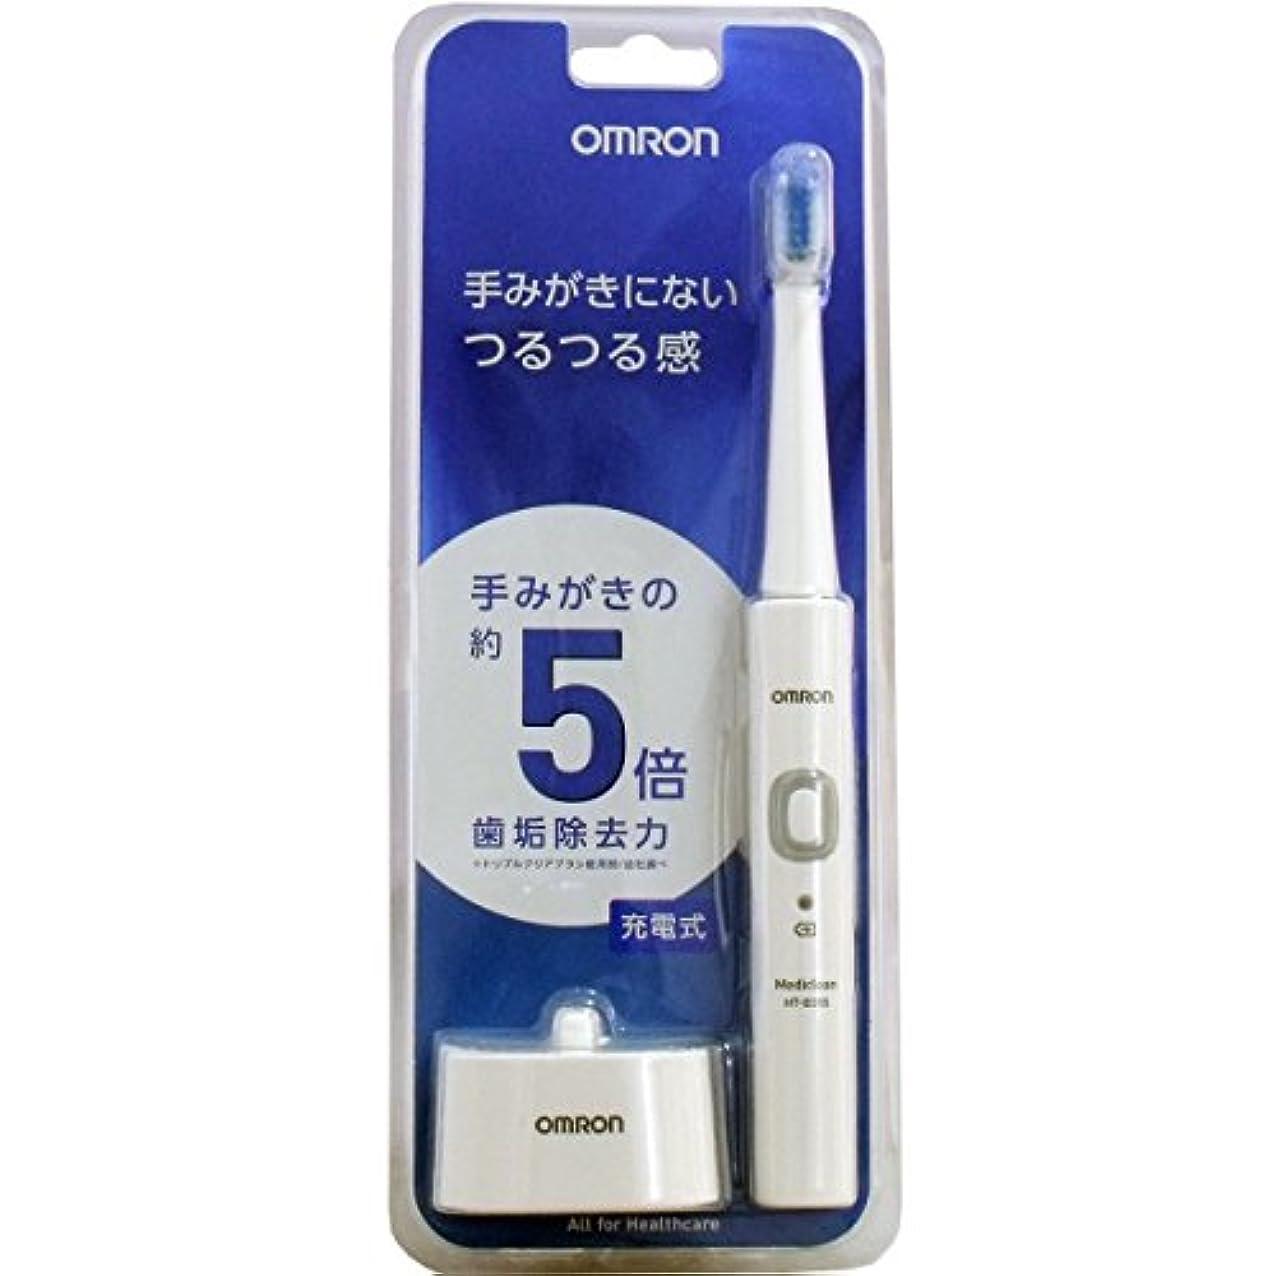 チータートロピカル周術期オムロン電動歯ブラシHT-B305-W